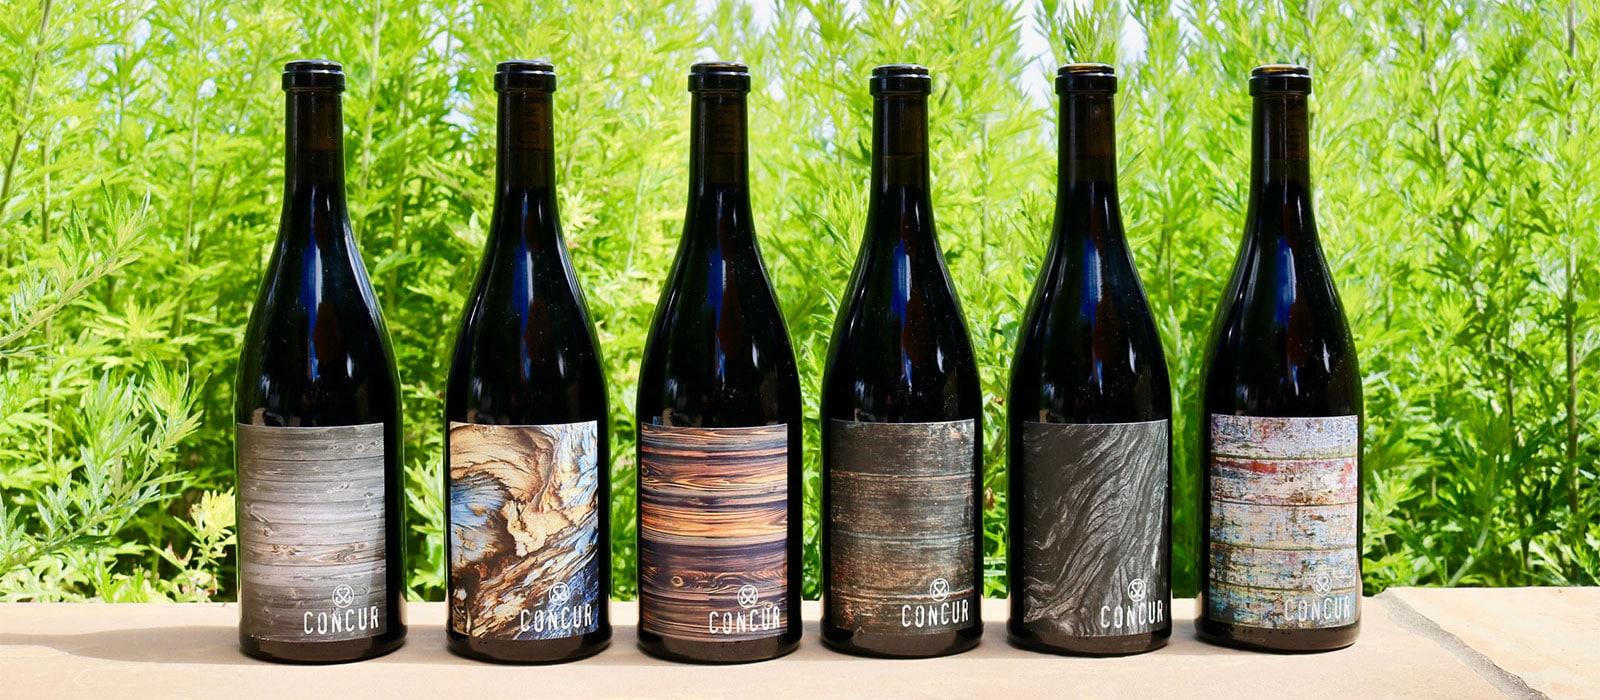 Concur Wines